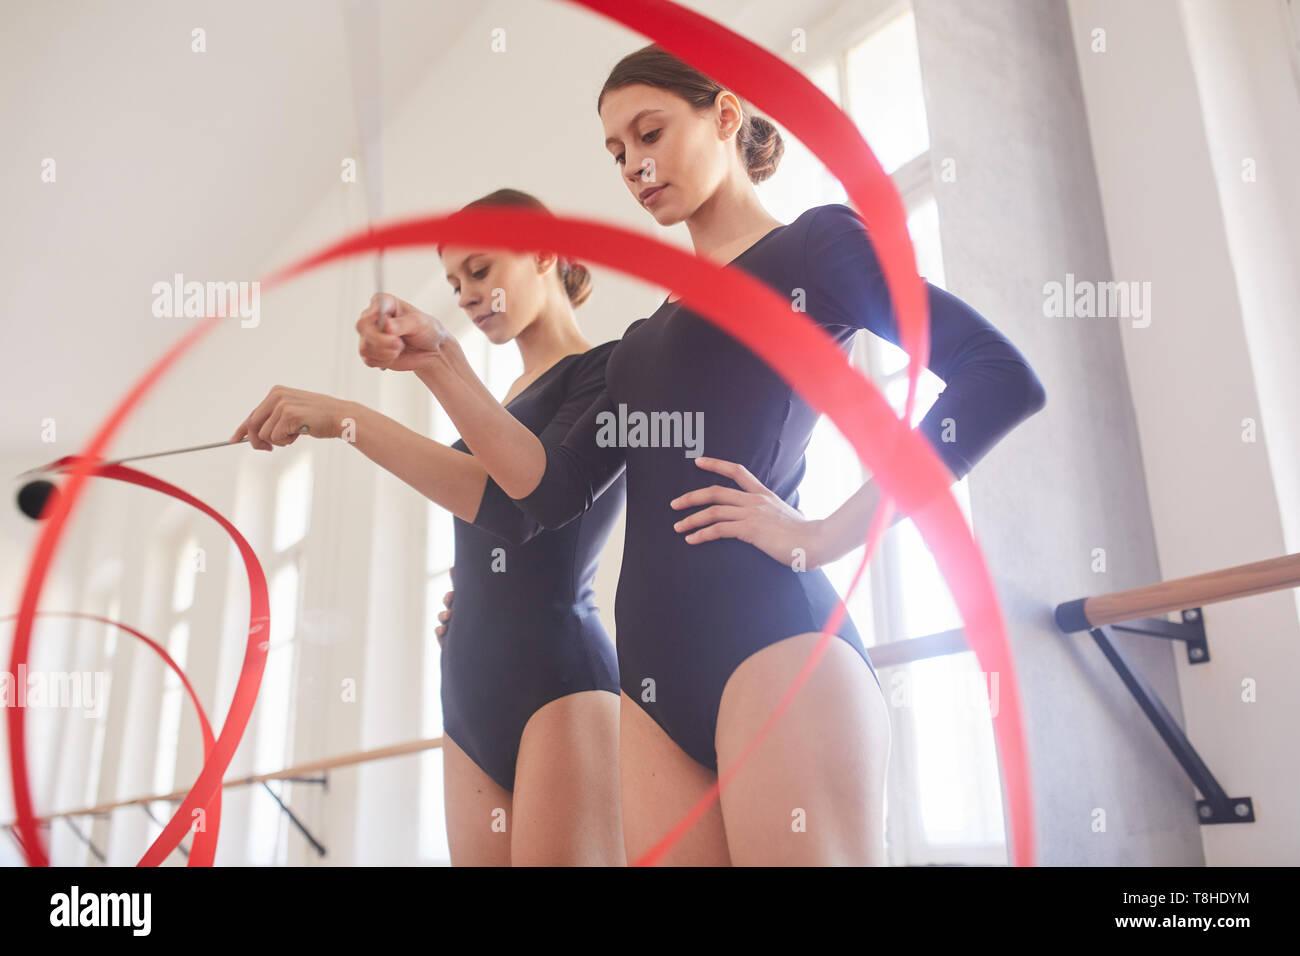 Üben Tanz Element mit Gymnastik Band Stockbild